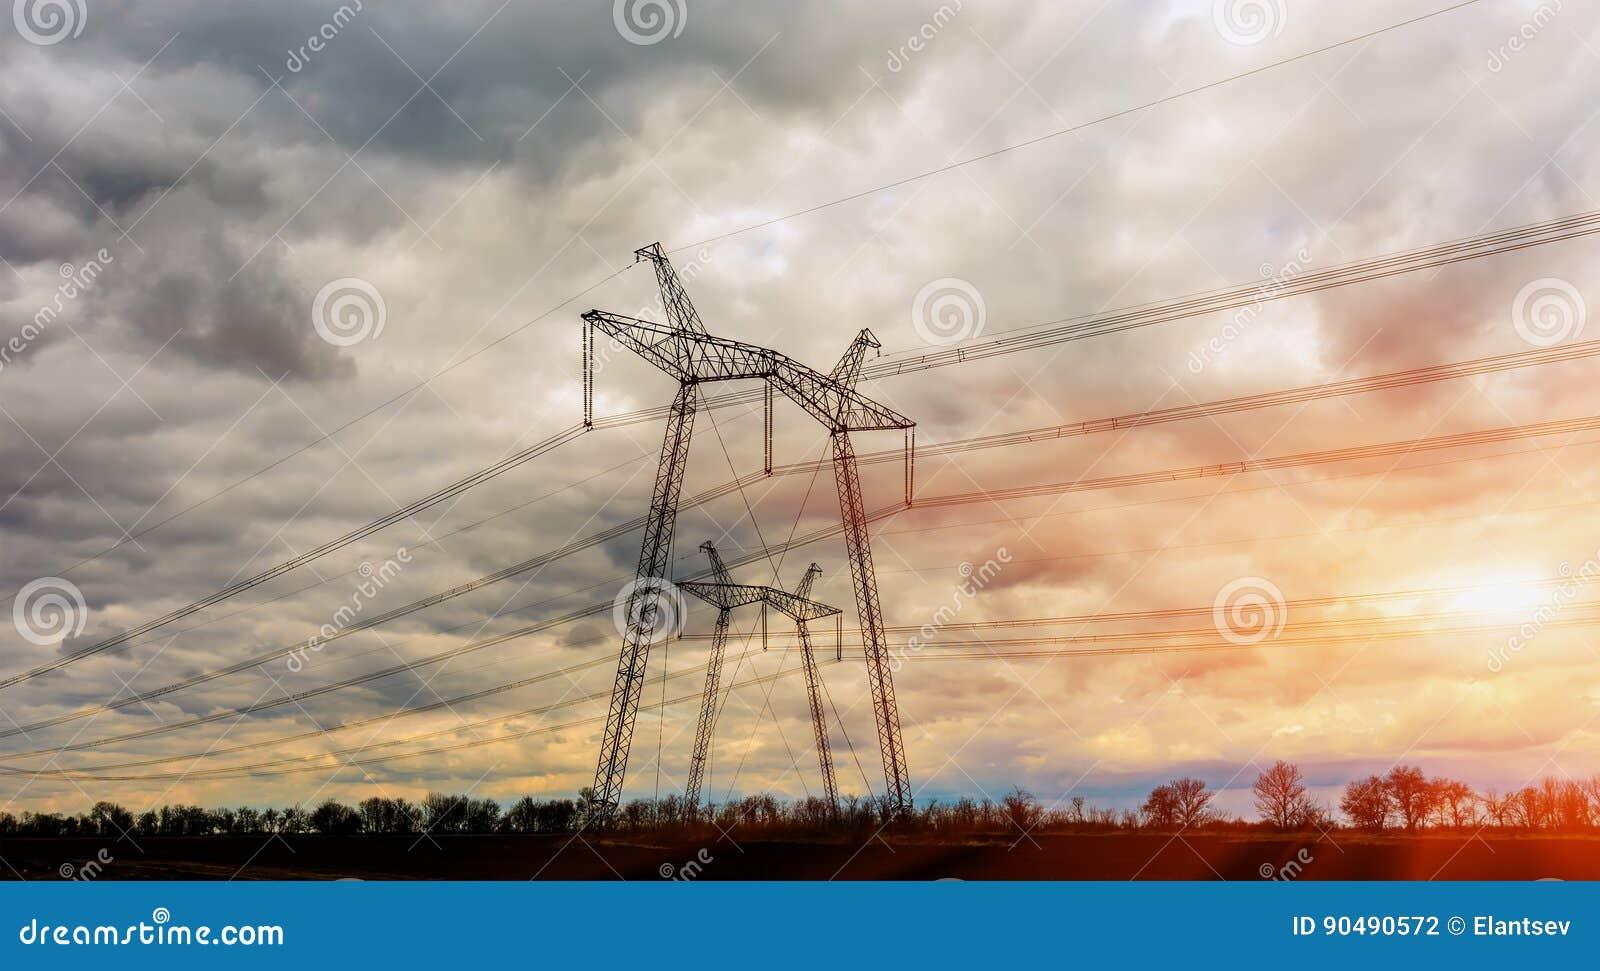 Pilão da eletricidade - torre aérea da transmissão da linha elétrica